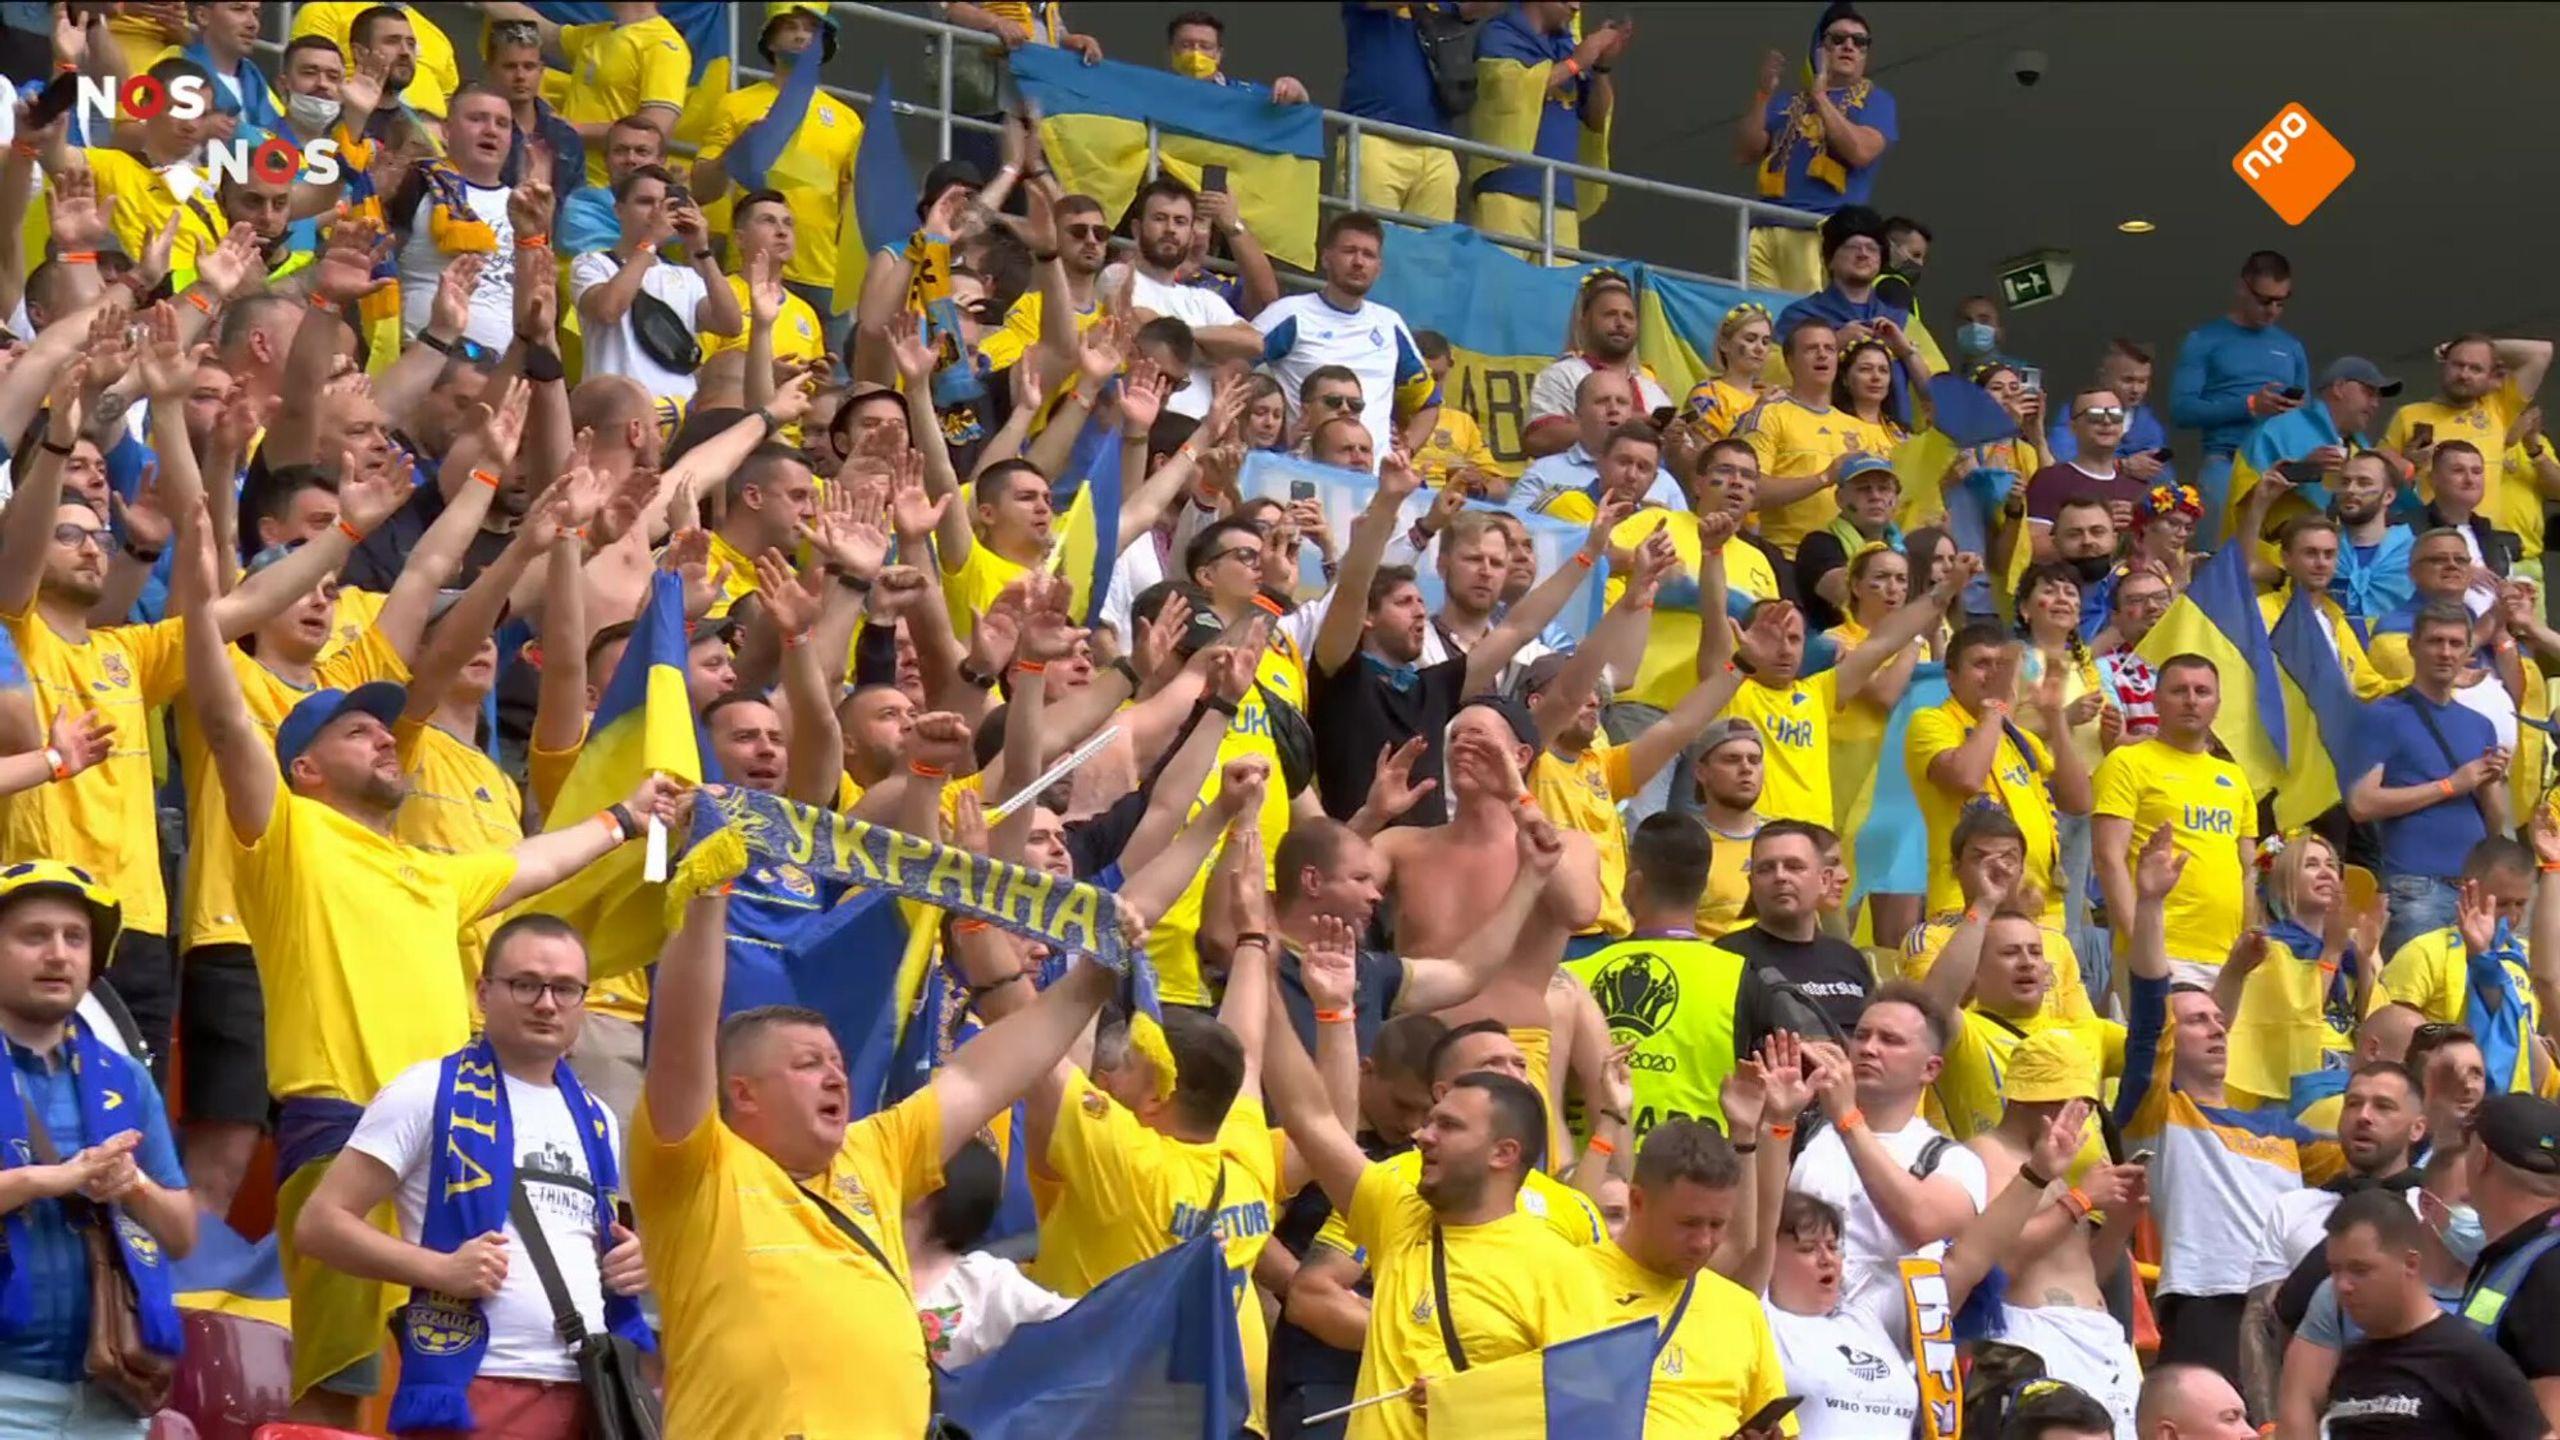 NOS EK Voetbal Oekraïne